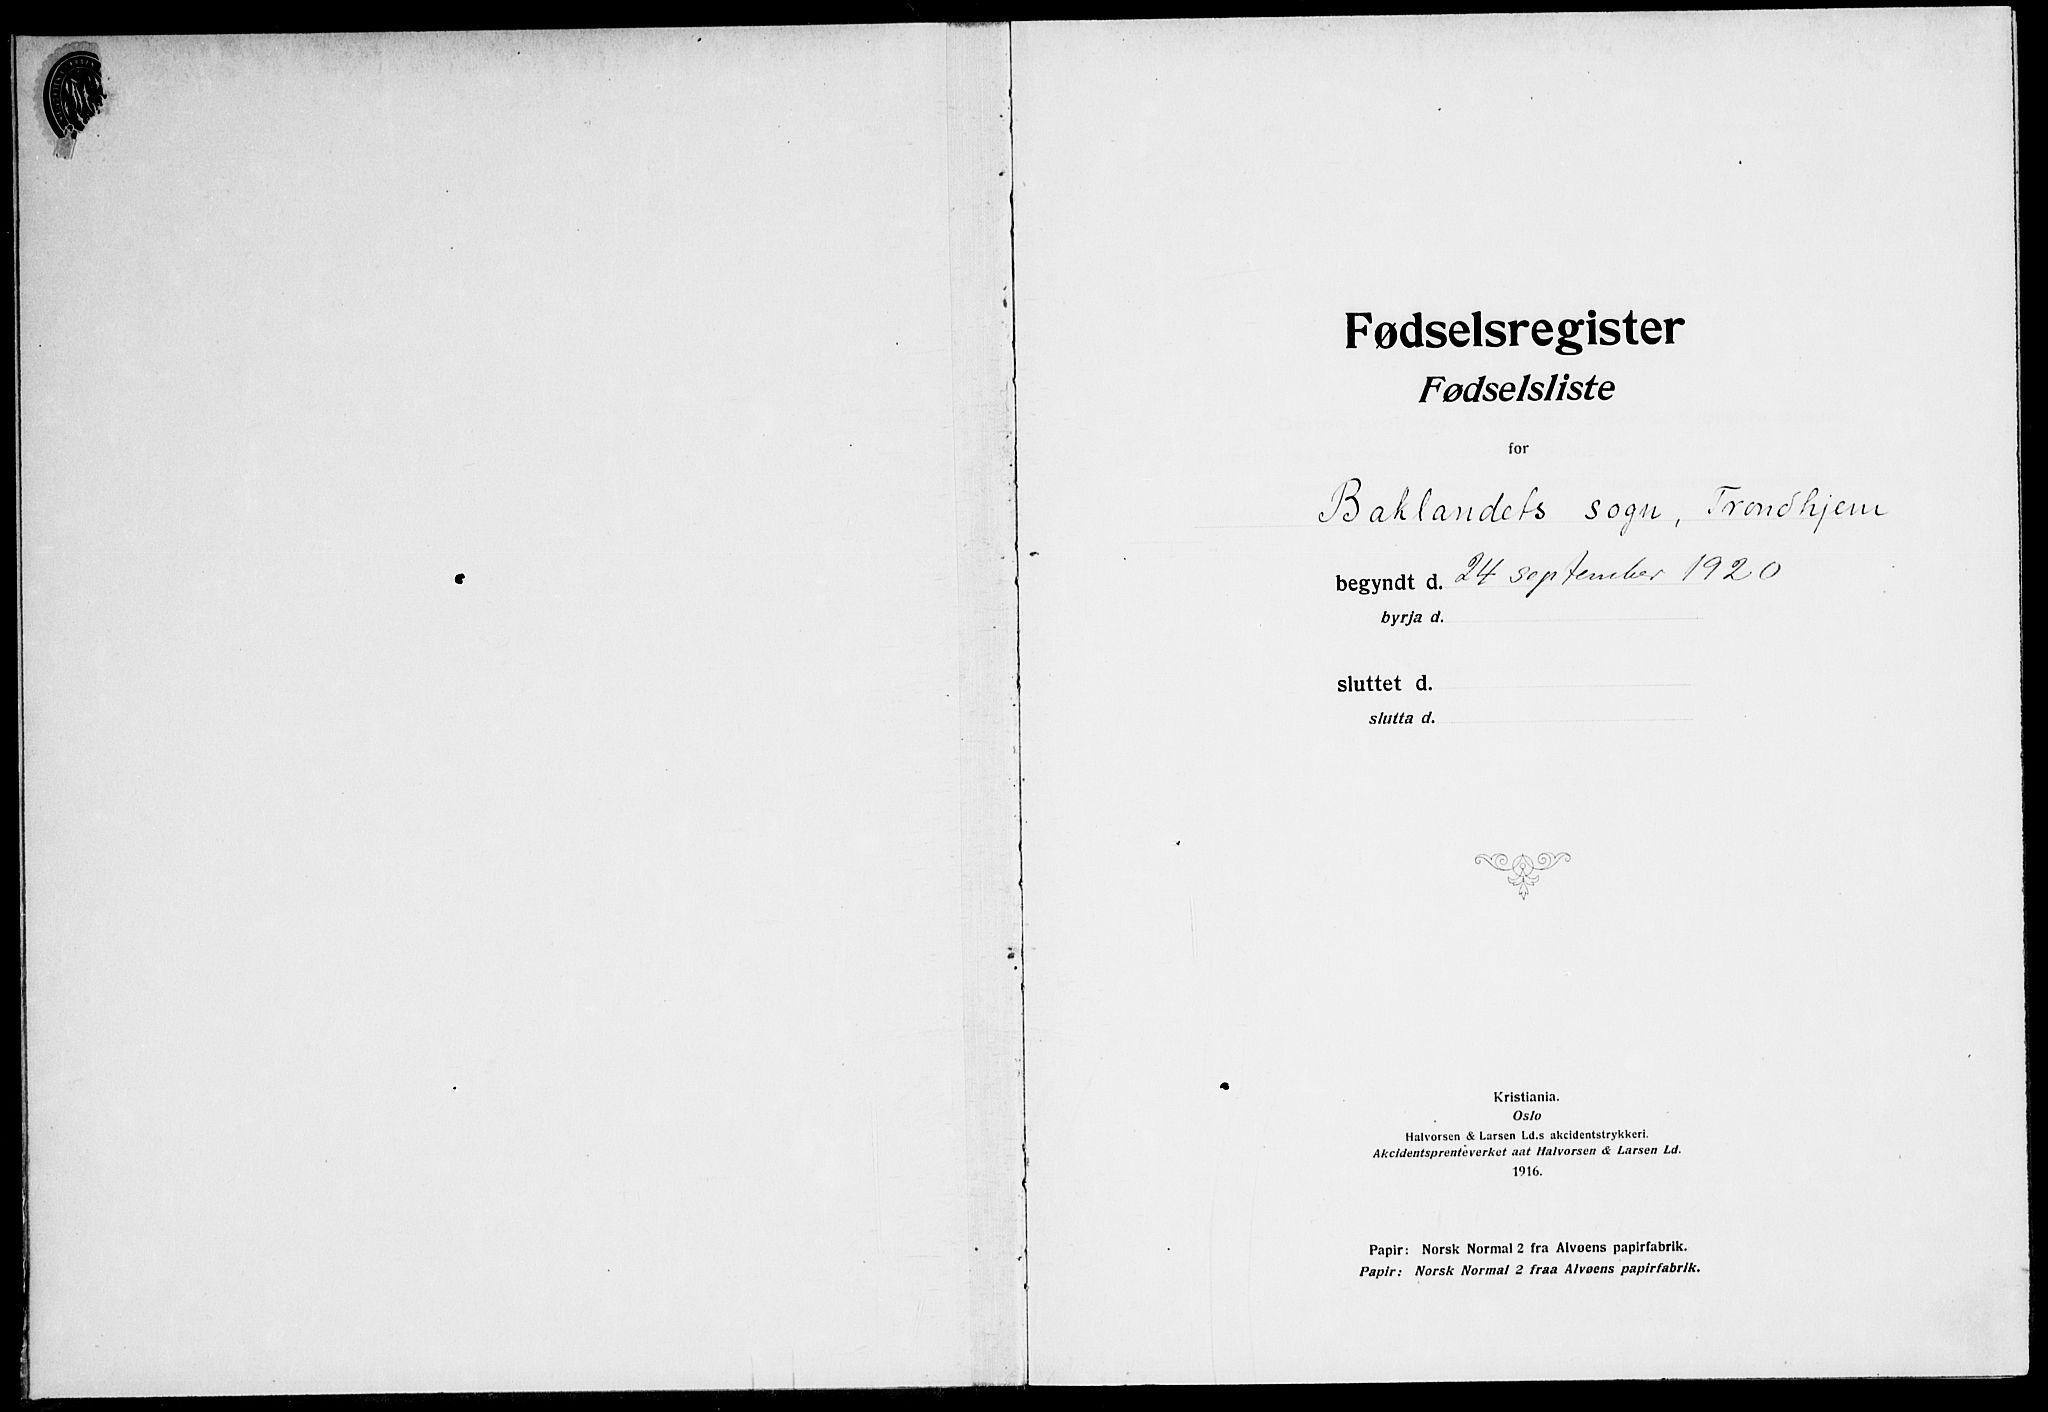 SAT, Ministerialprotokoller, klokkerbøker og fødselsregistre - Sør-Trøndelag, 604/L0233: Fødselsregister nr. 604.II.4.2, 1920-1928